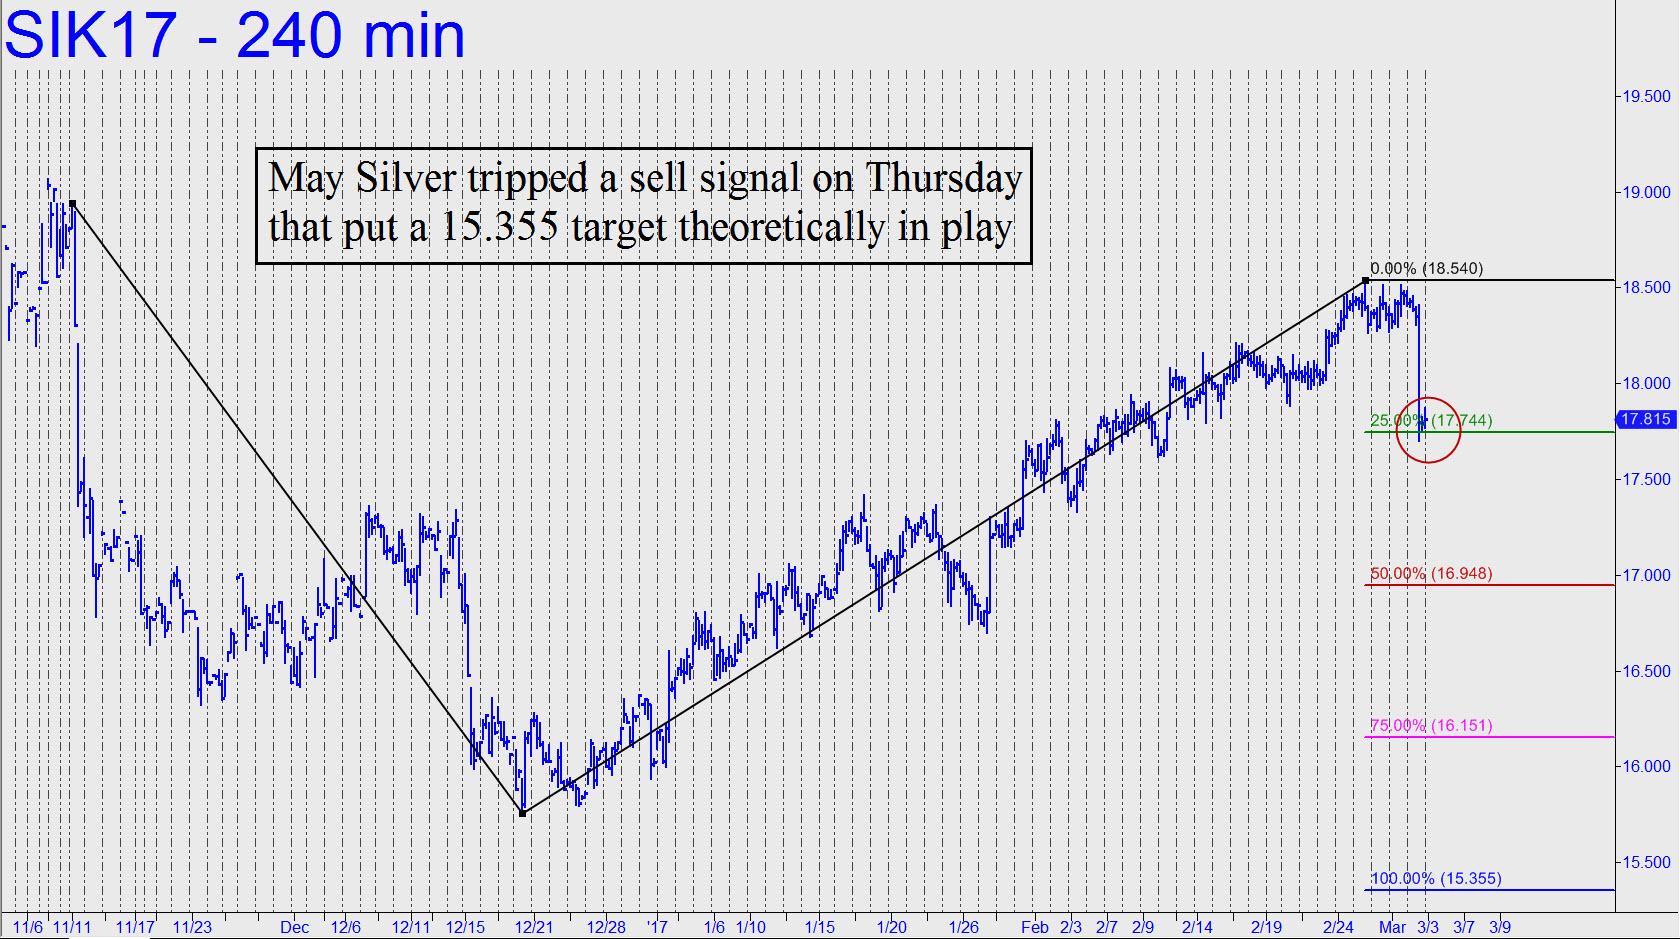 prix de l'or, de l'argent et des minières / suivi 2015 et ultérieurement - Page 7 May-Silver-tripped